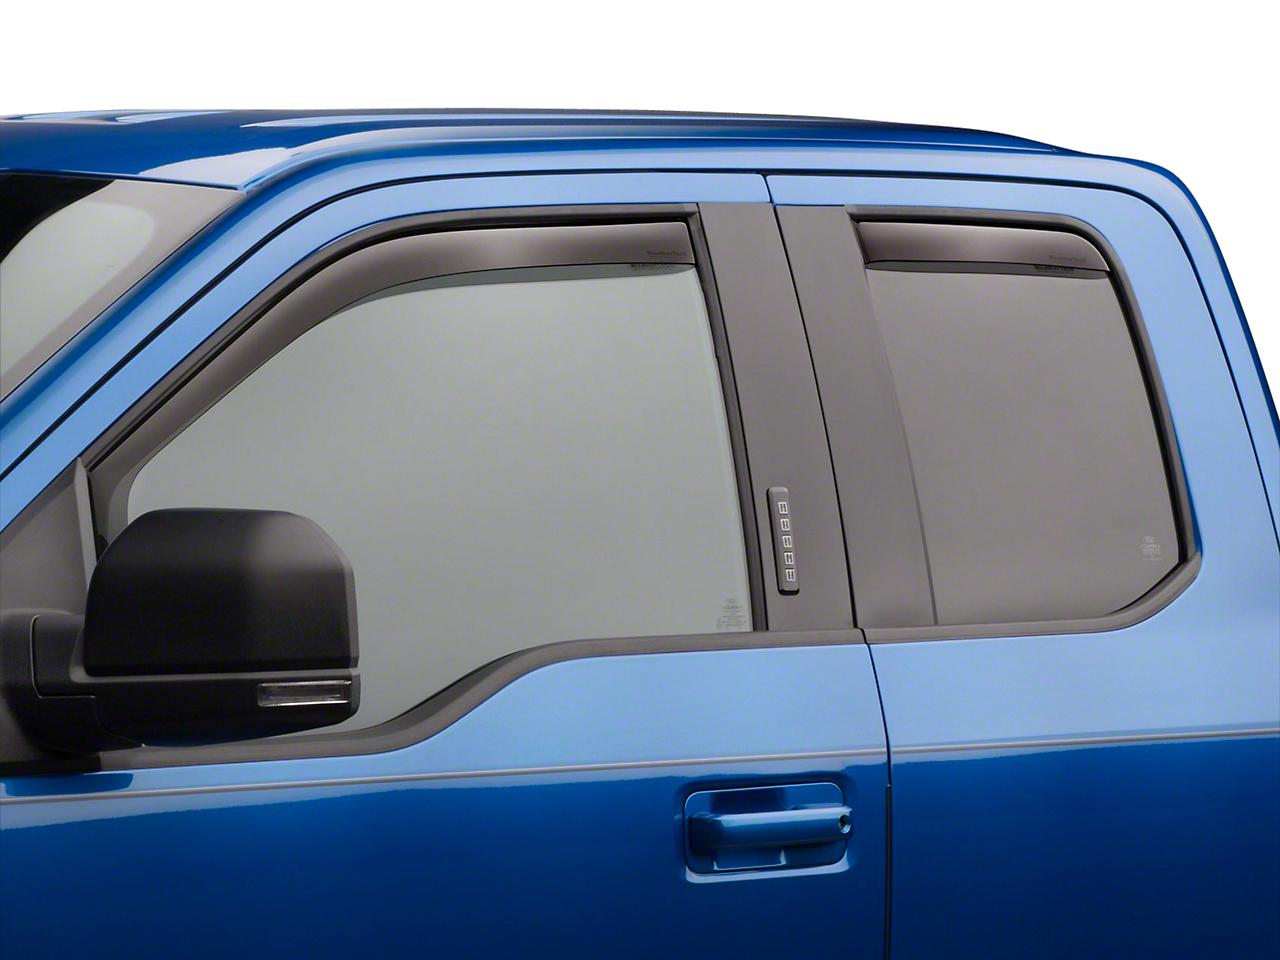 Weathertech Rear Side Window Deflectors - Light Smoke (97-03 F-150)